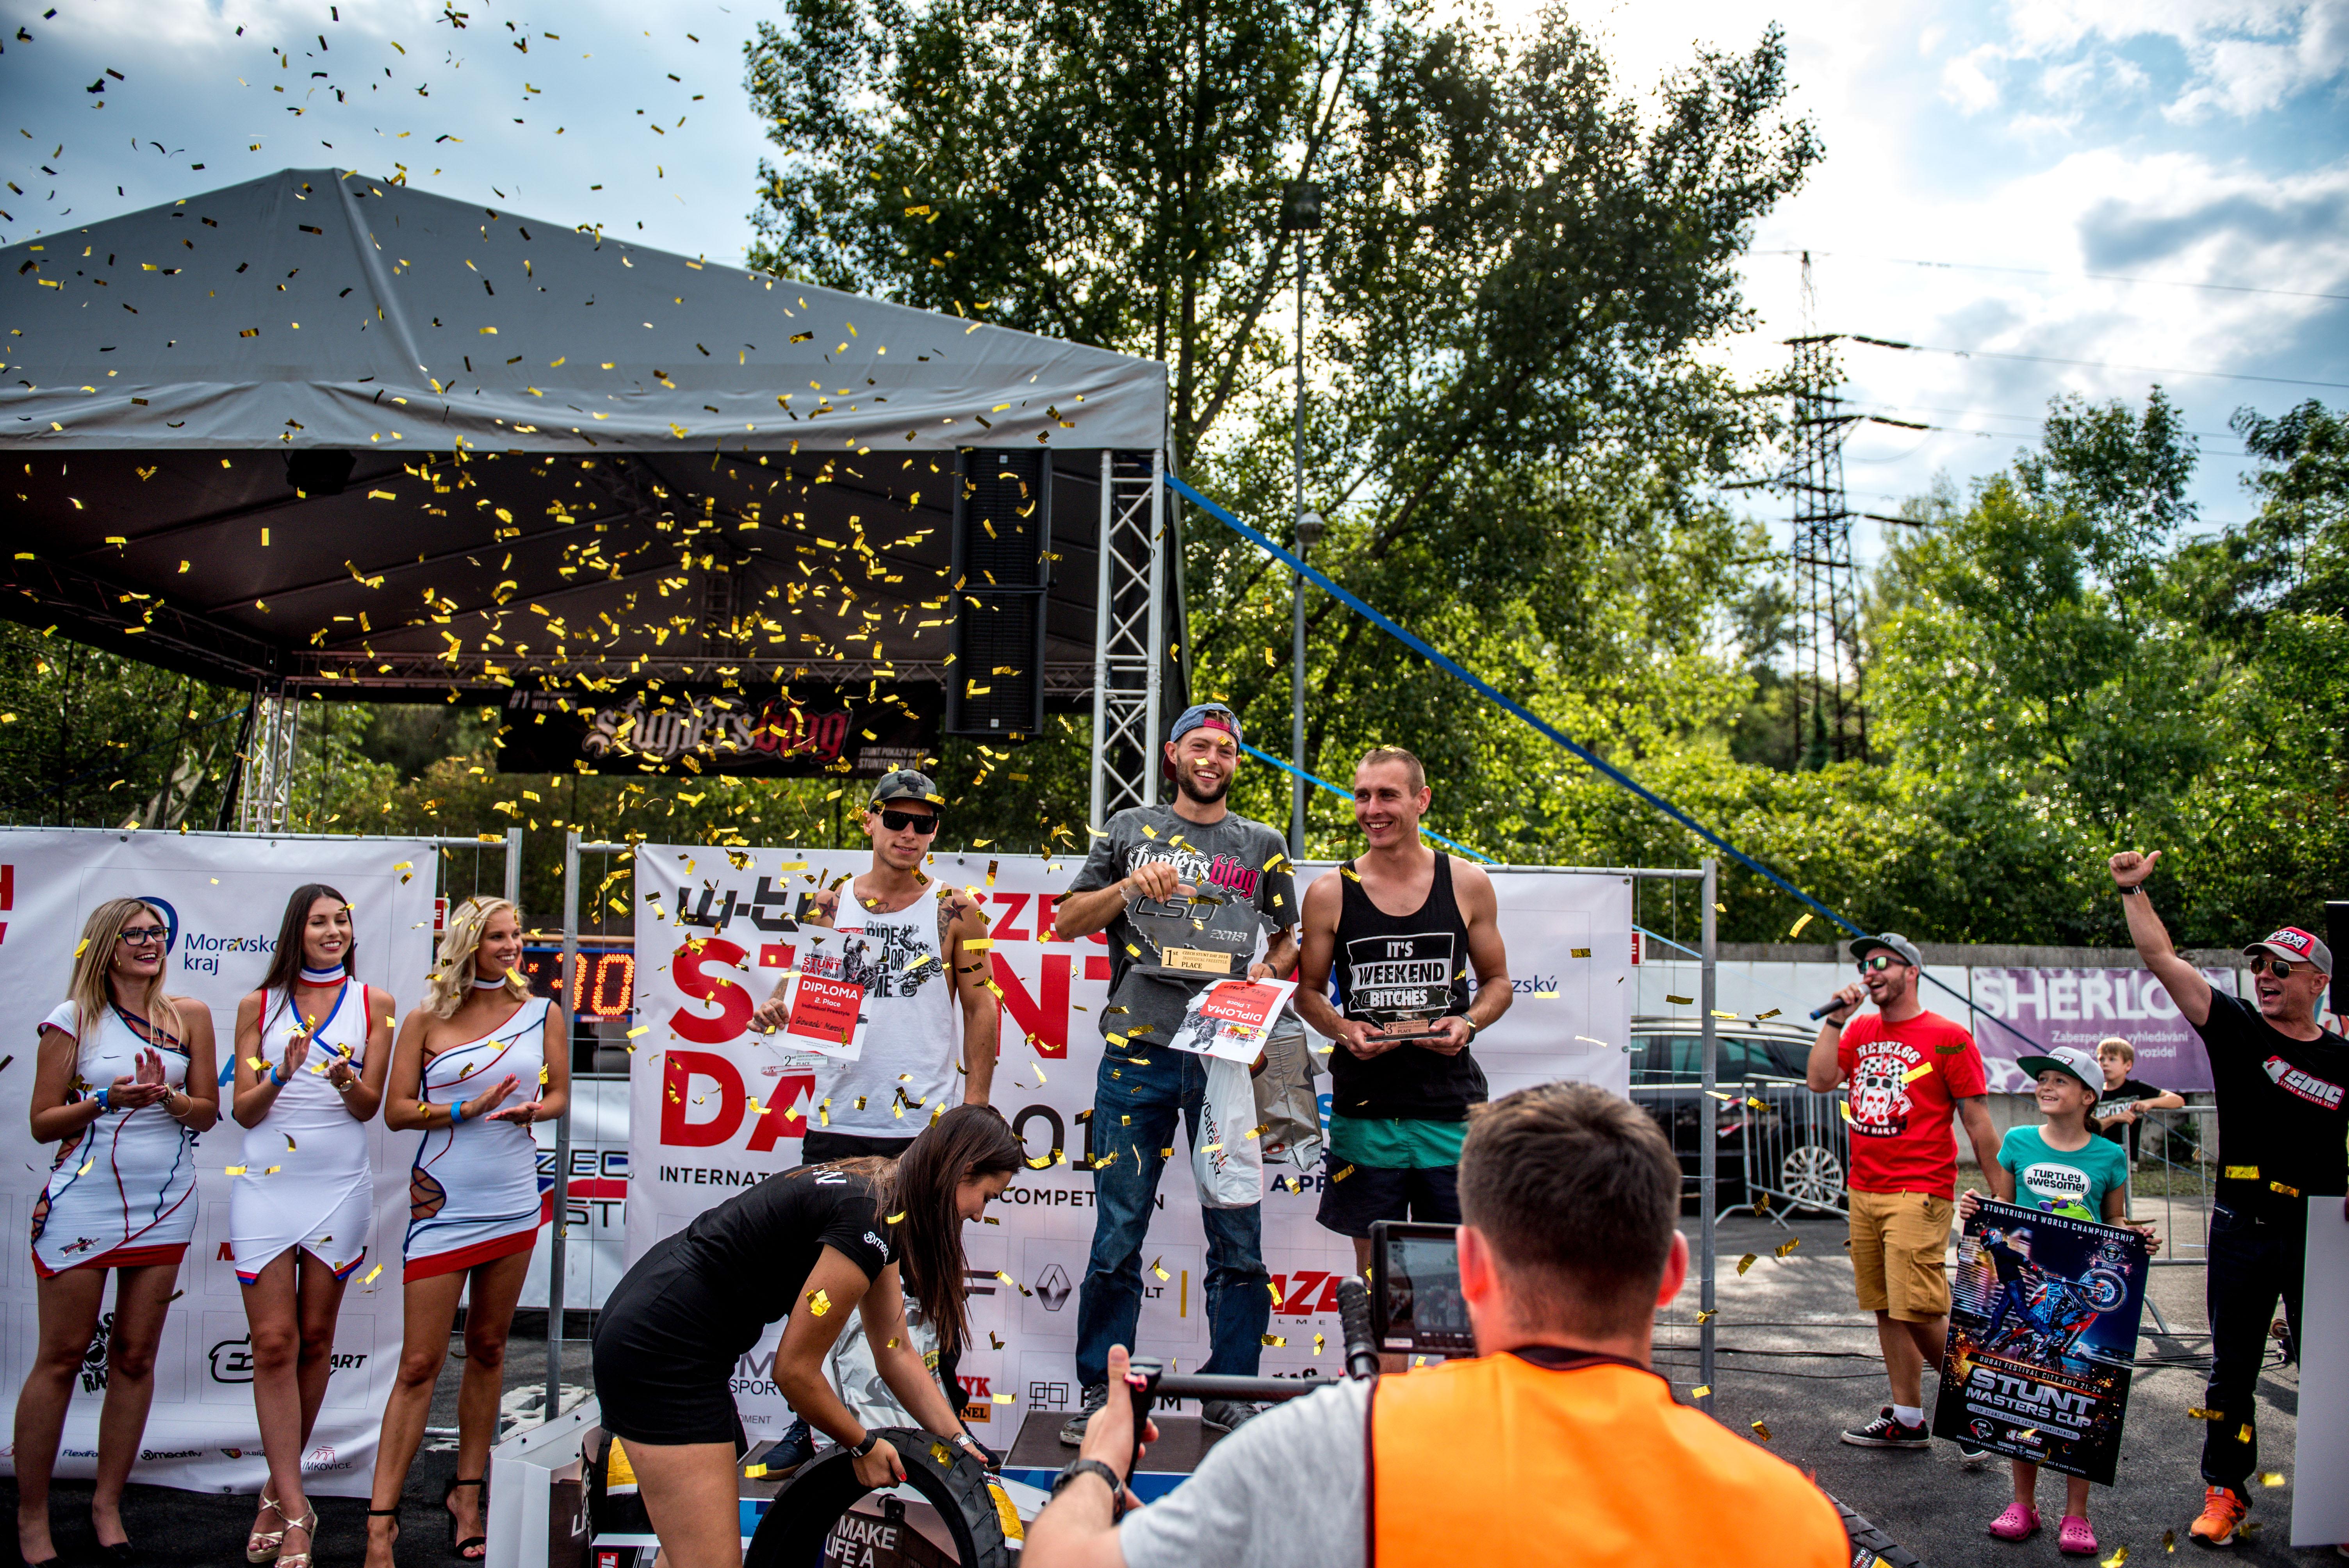 <p>International Streebike Competition Mike Jensen – Denmark Marcin Glowacki – Poland Pawel Karbownik – Poland Mistrovství ČR ve stuntridingu Jakub Kykal Patrick Peschel Míra Frey</p>